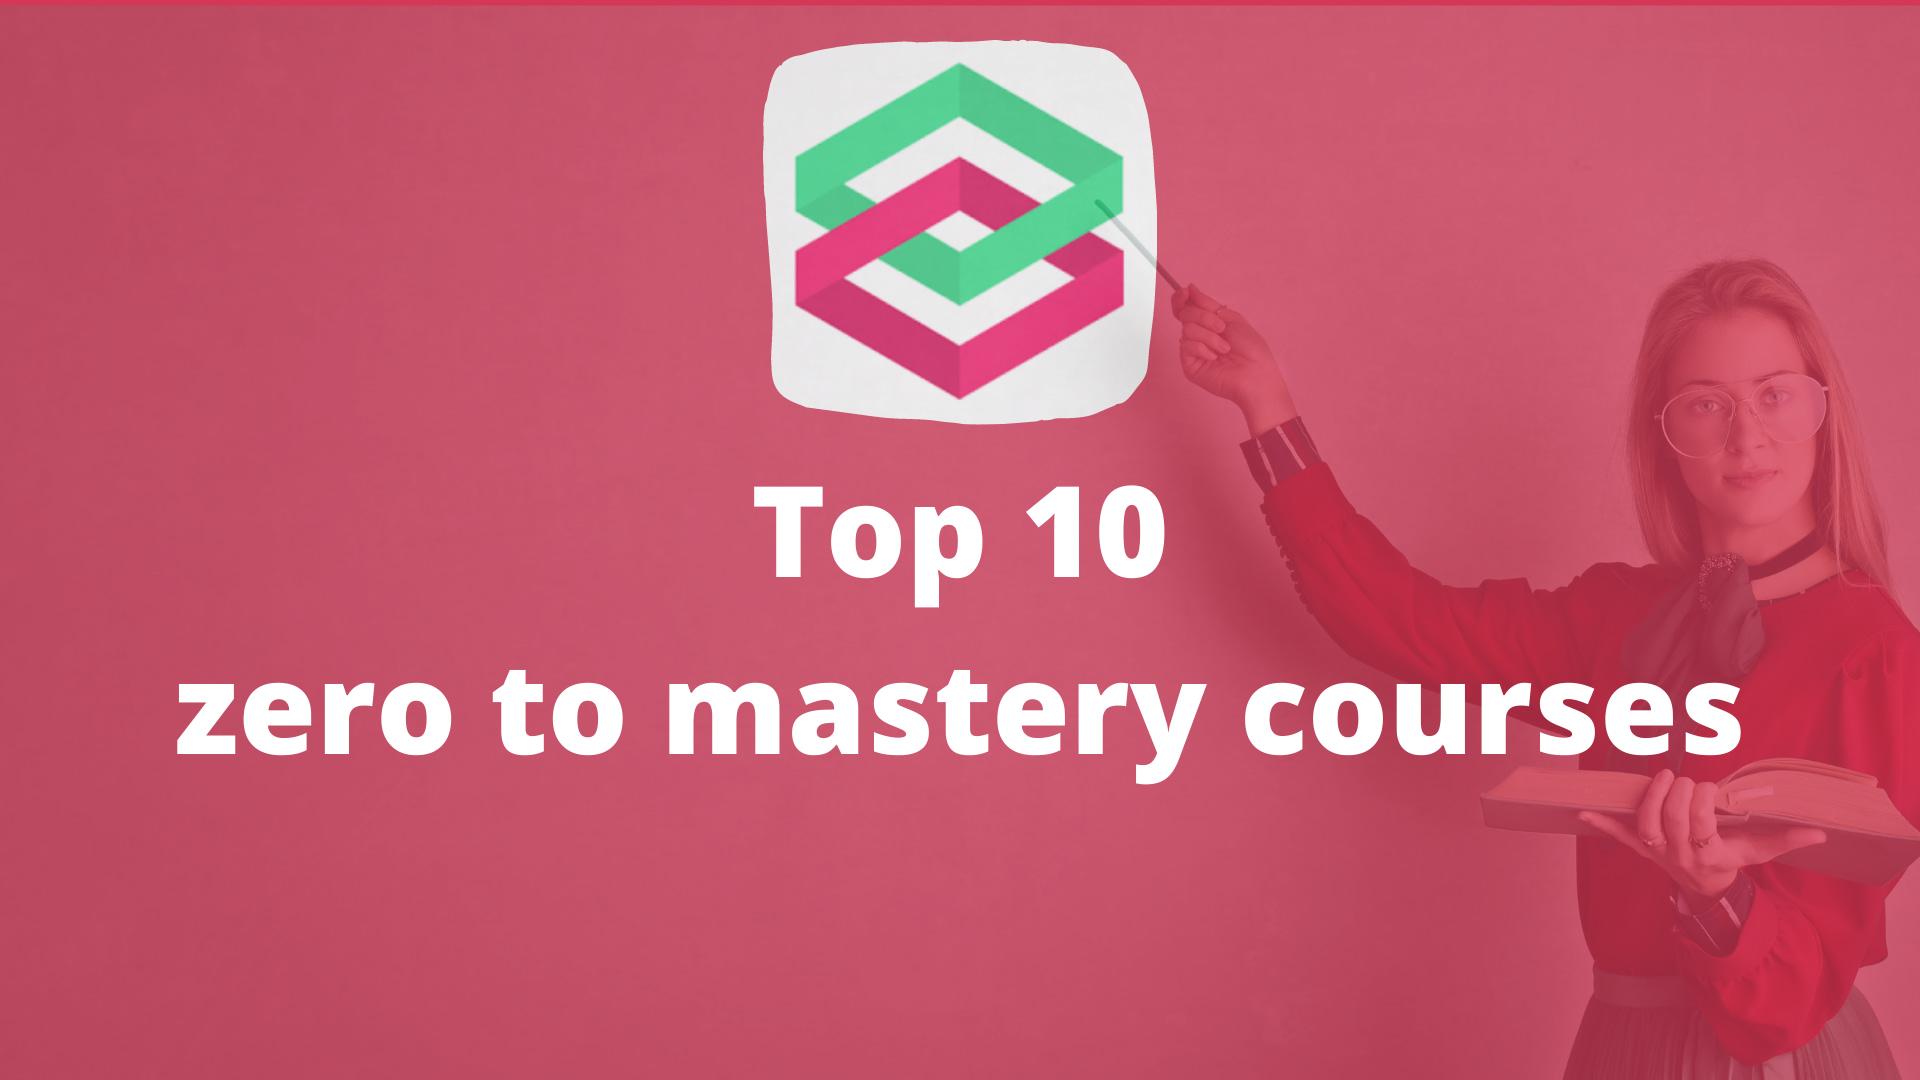 Top 10 zerotomastery courses